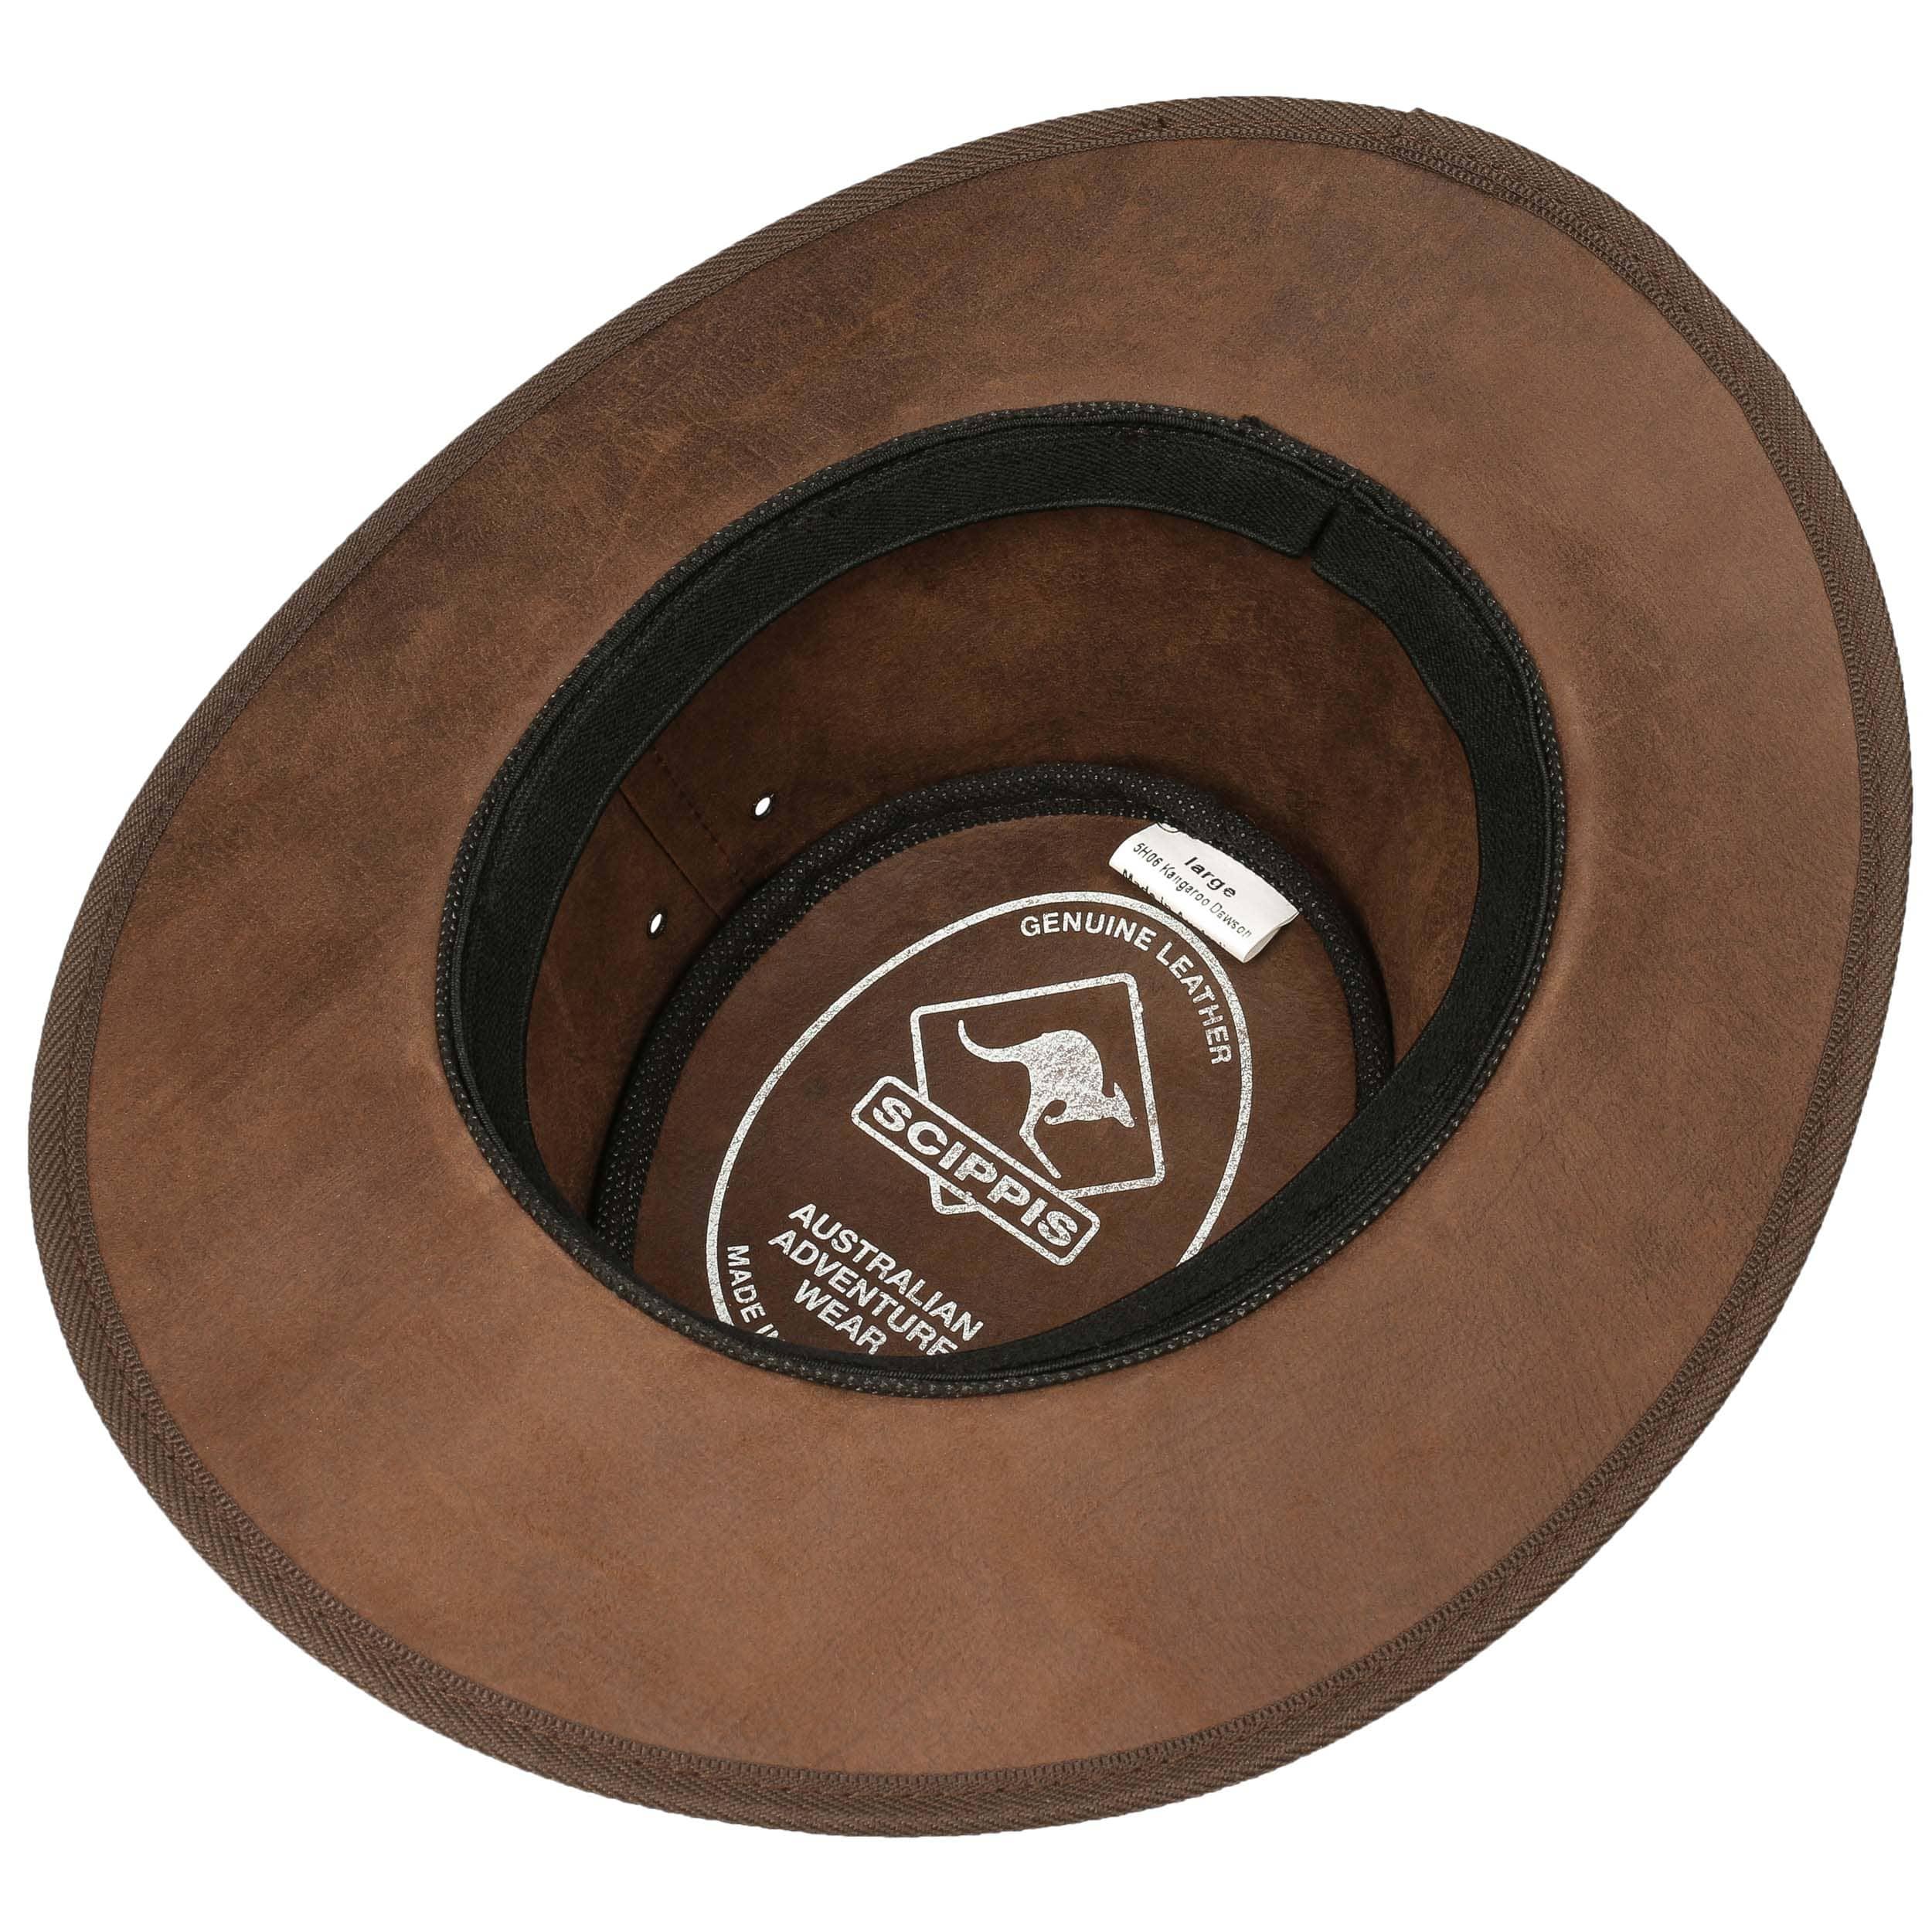 Sombrero Piel Dawson Kangaroo by Scippis - Sombreros - sombreroshop.es e9e2dd2e5d3